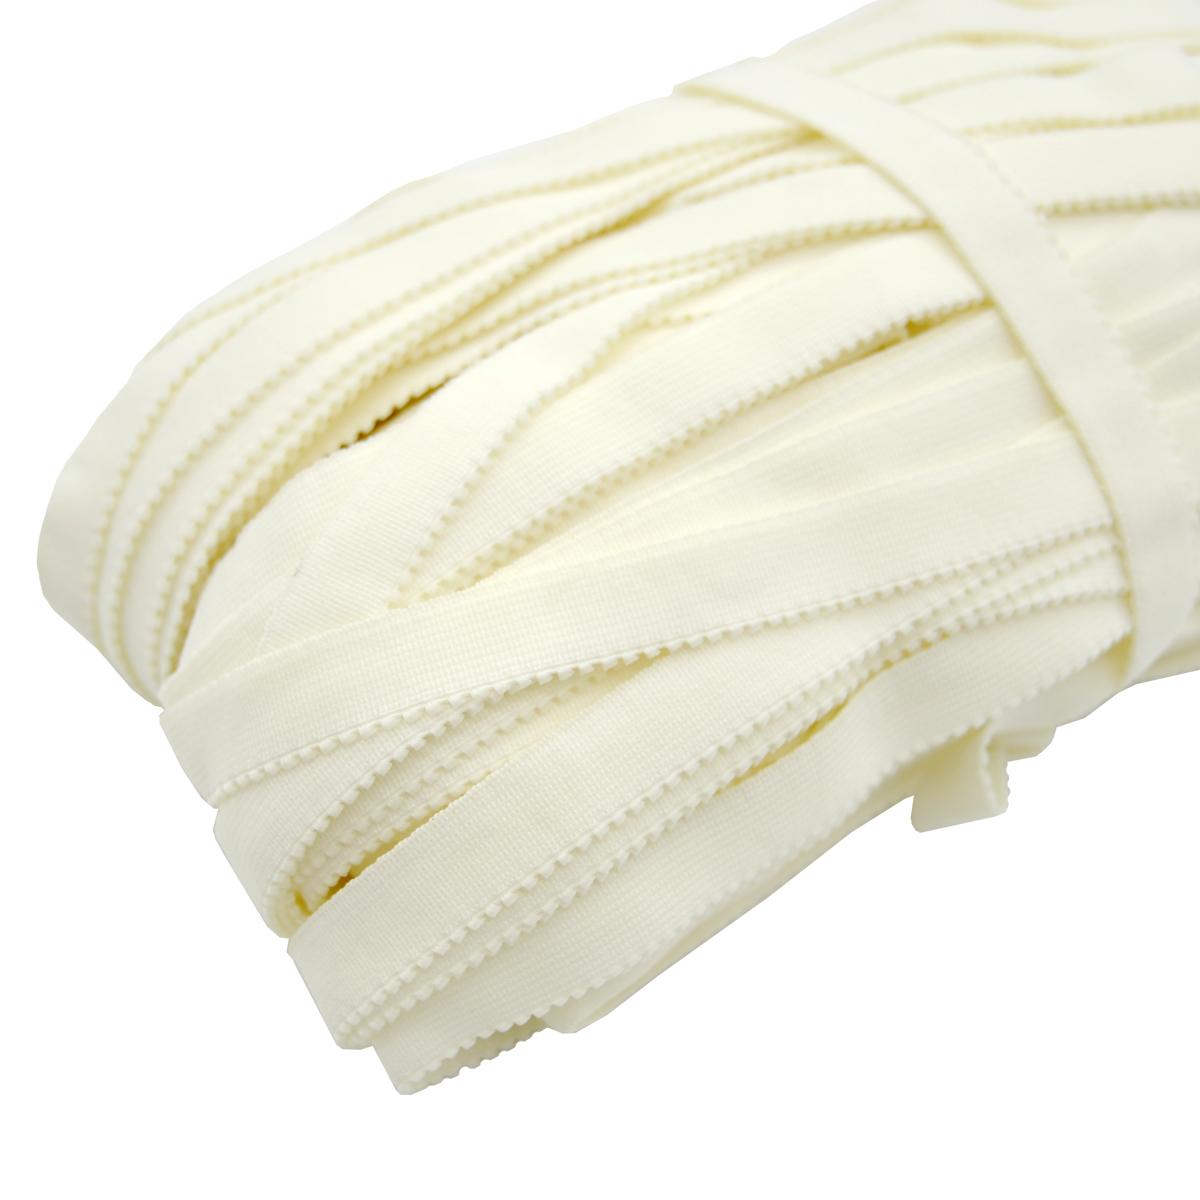 ST/16 эластичная ажурная лента 12мм*50м, белый